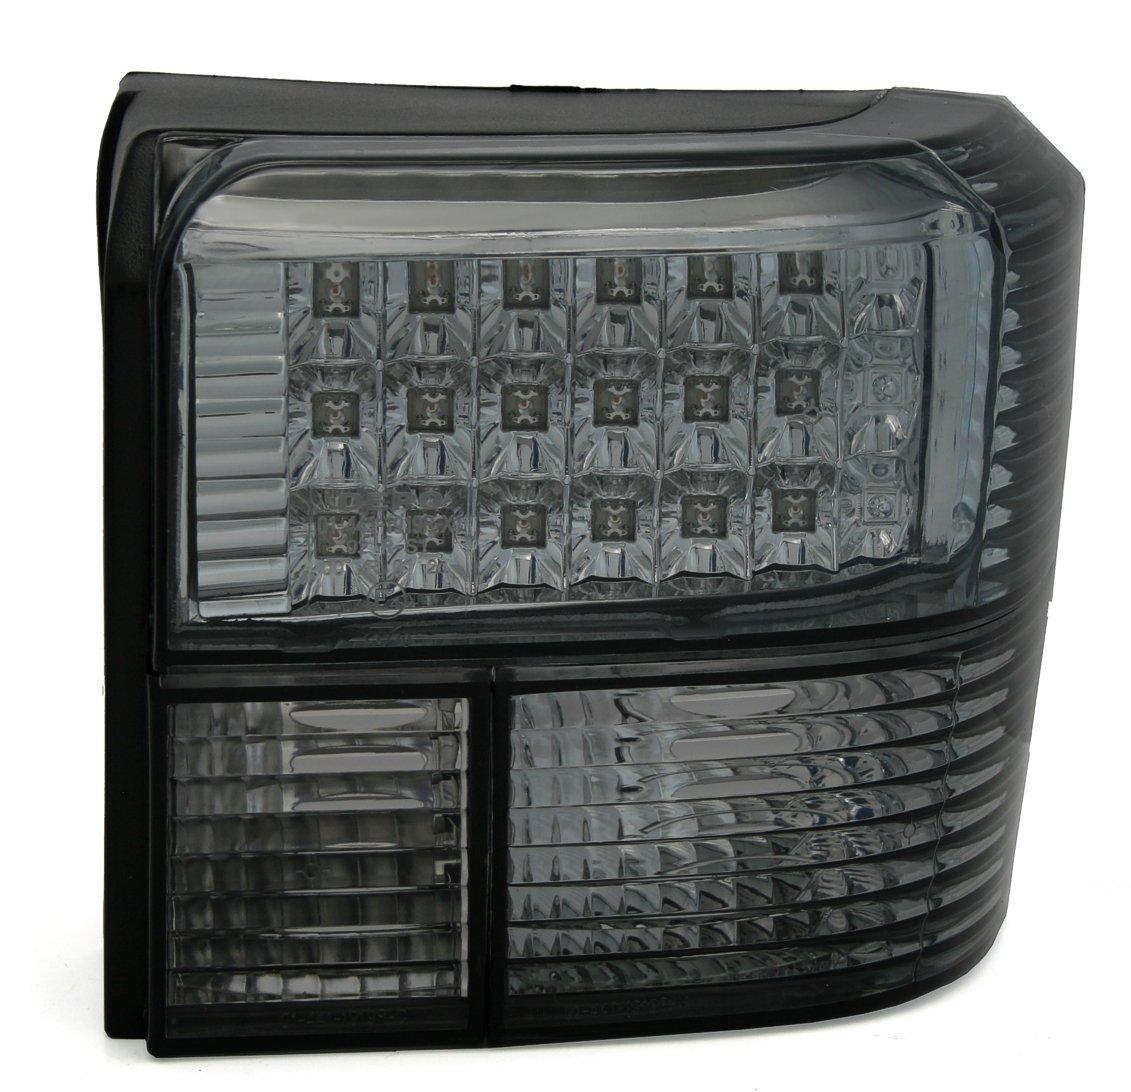 Vetro Trasparente Nero AD Tuning GmbH /& Co KG 960423/Kit Luci Posteriori a LED